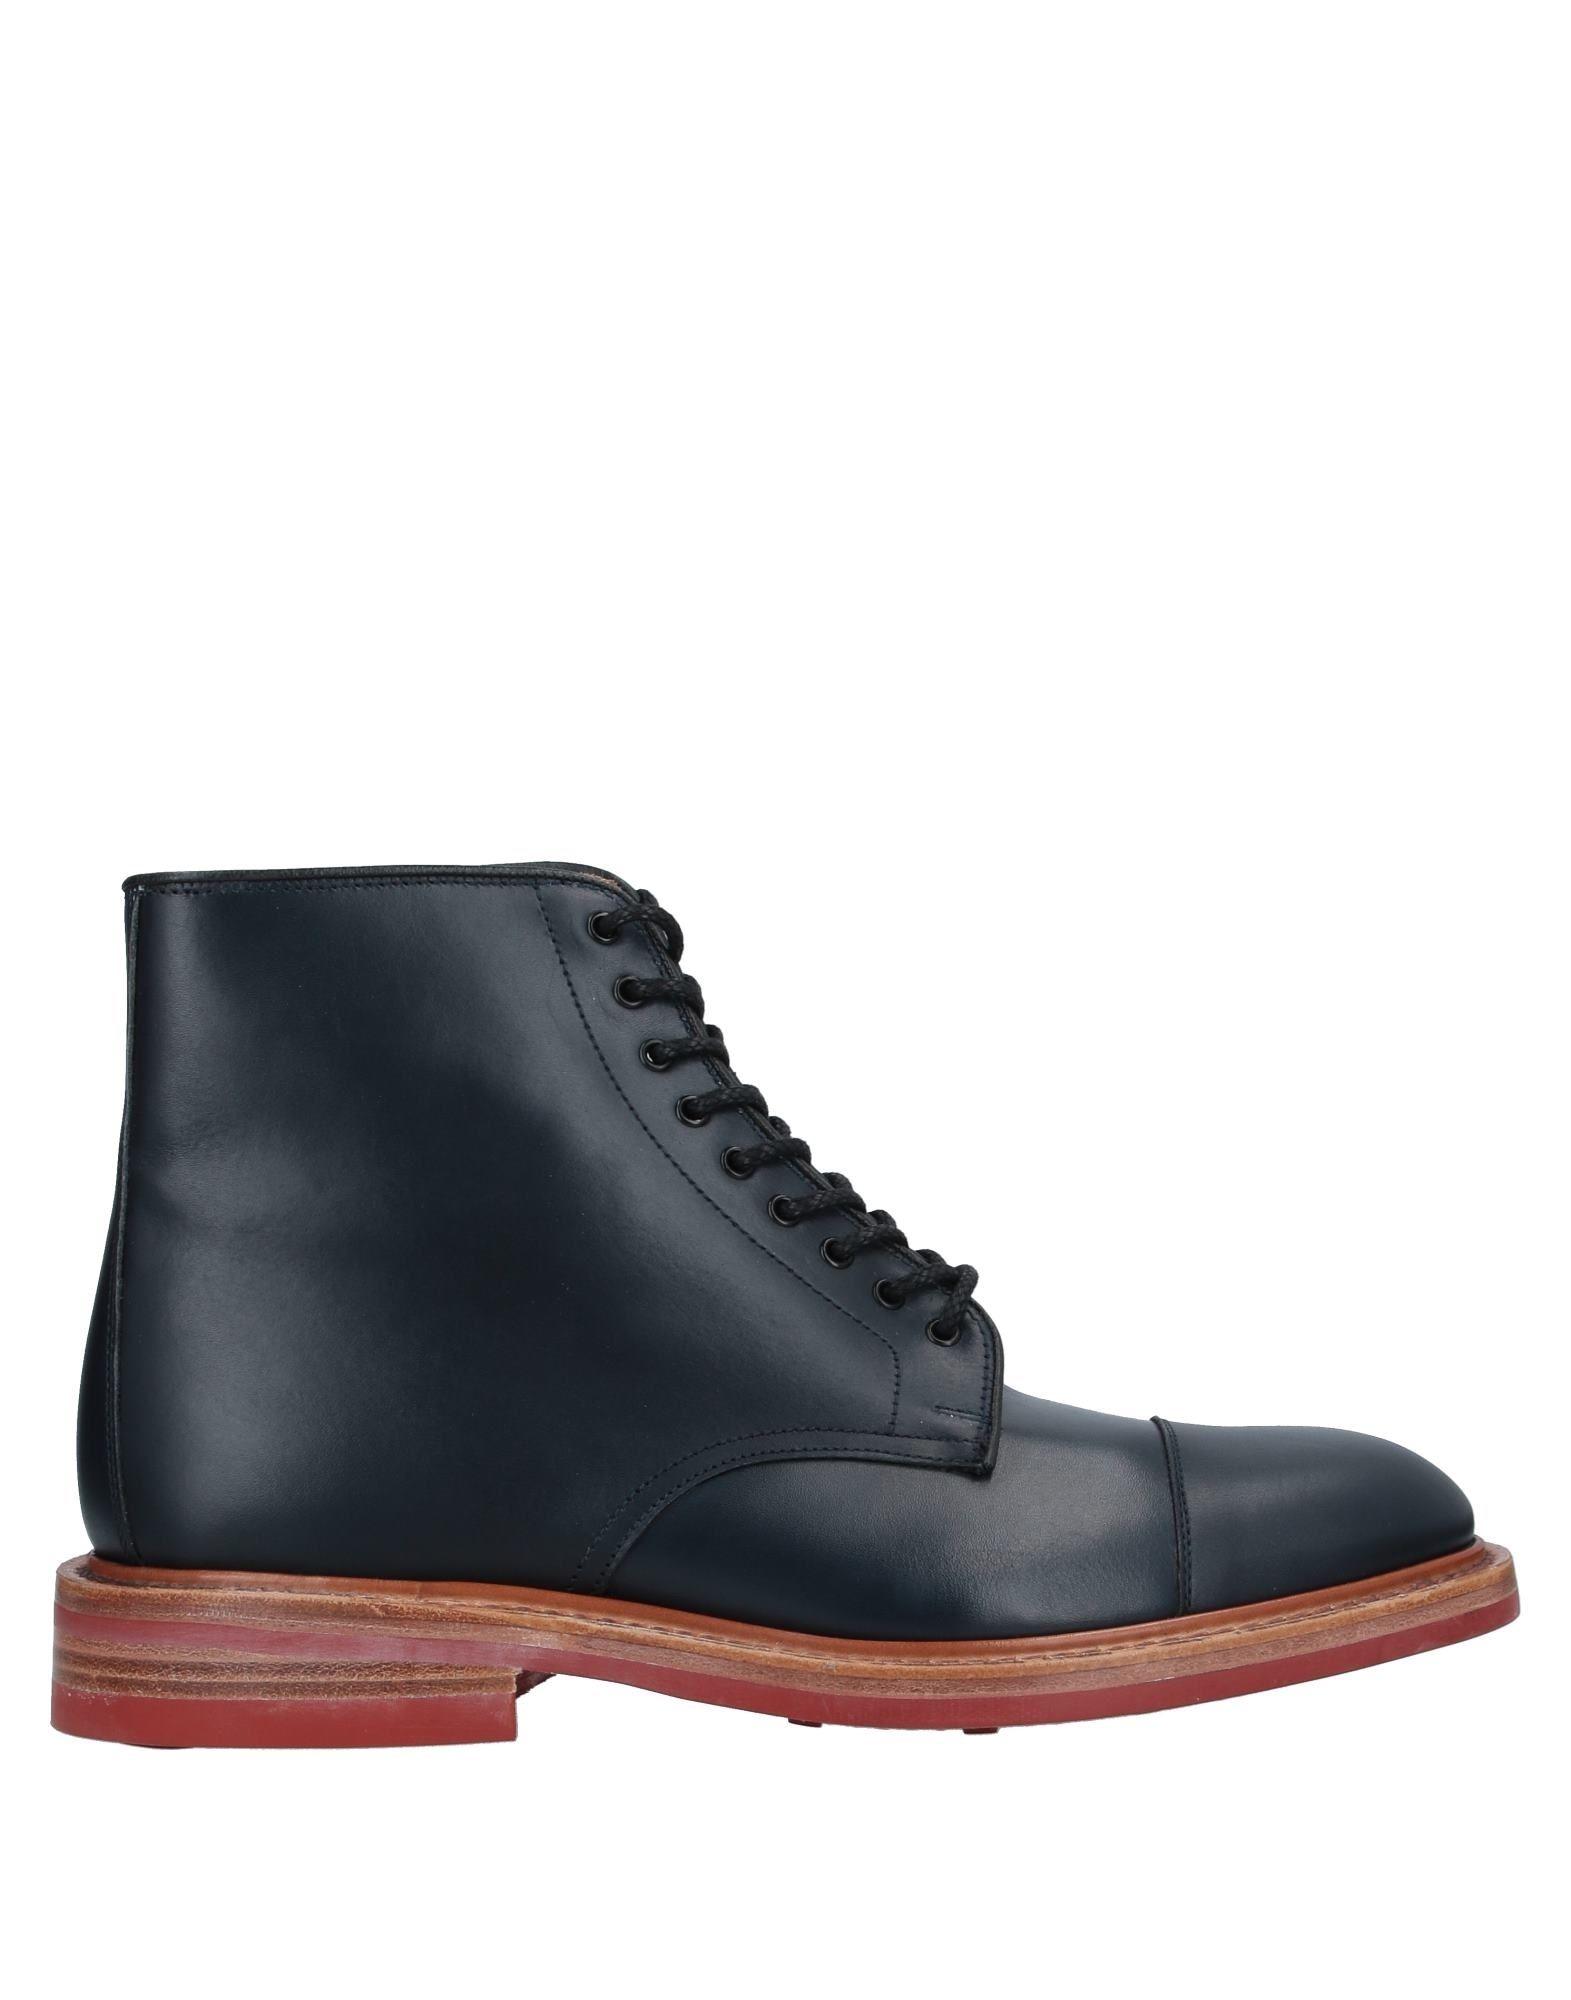 зимняя спортивная обувь мужская екатеринбург